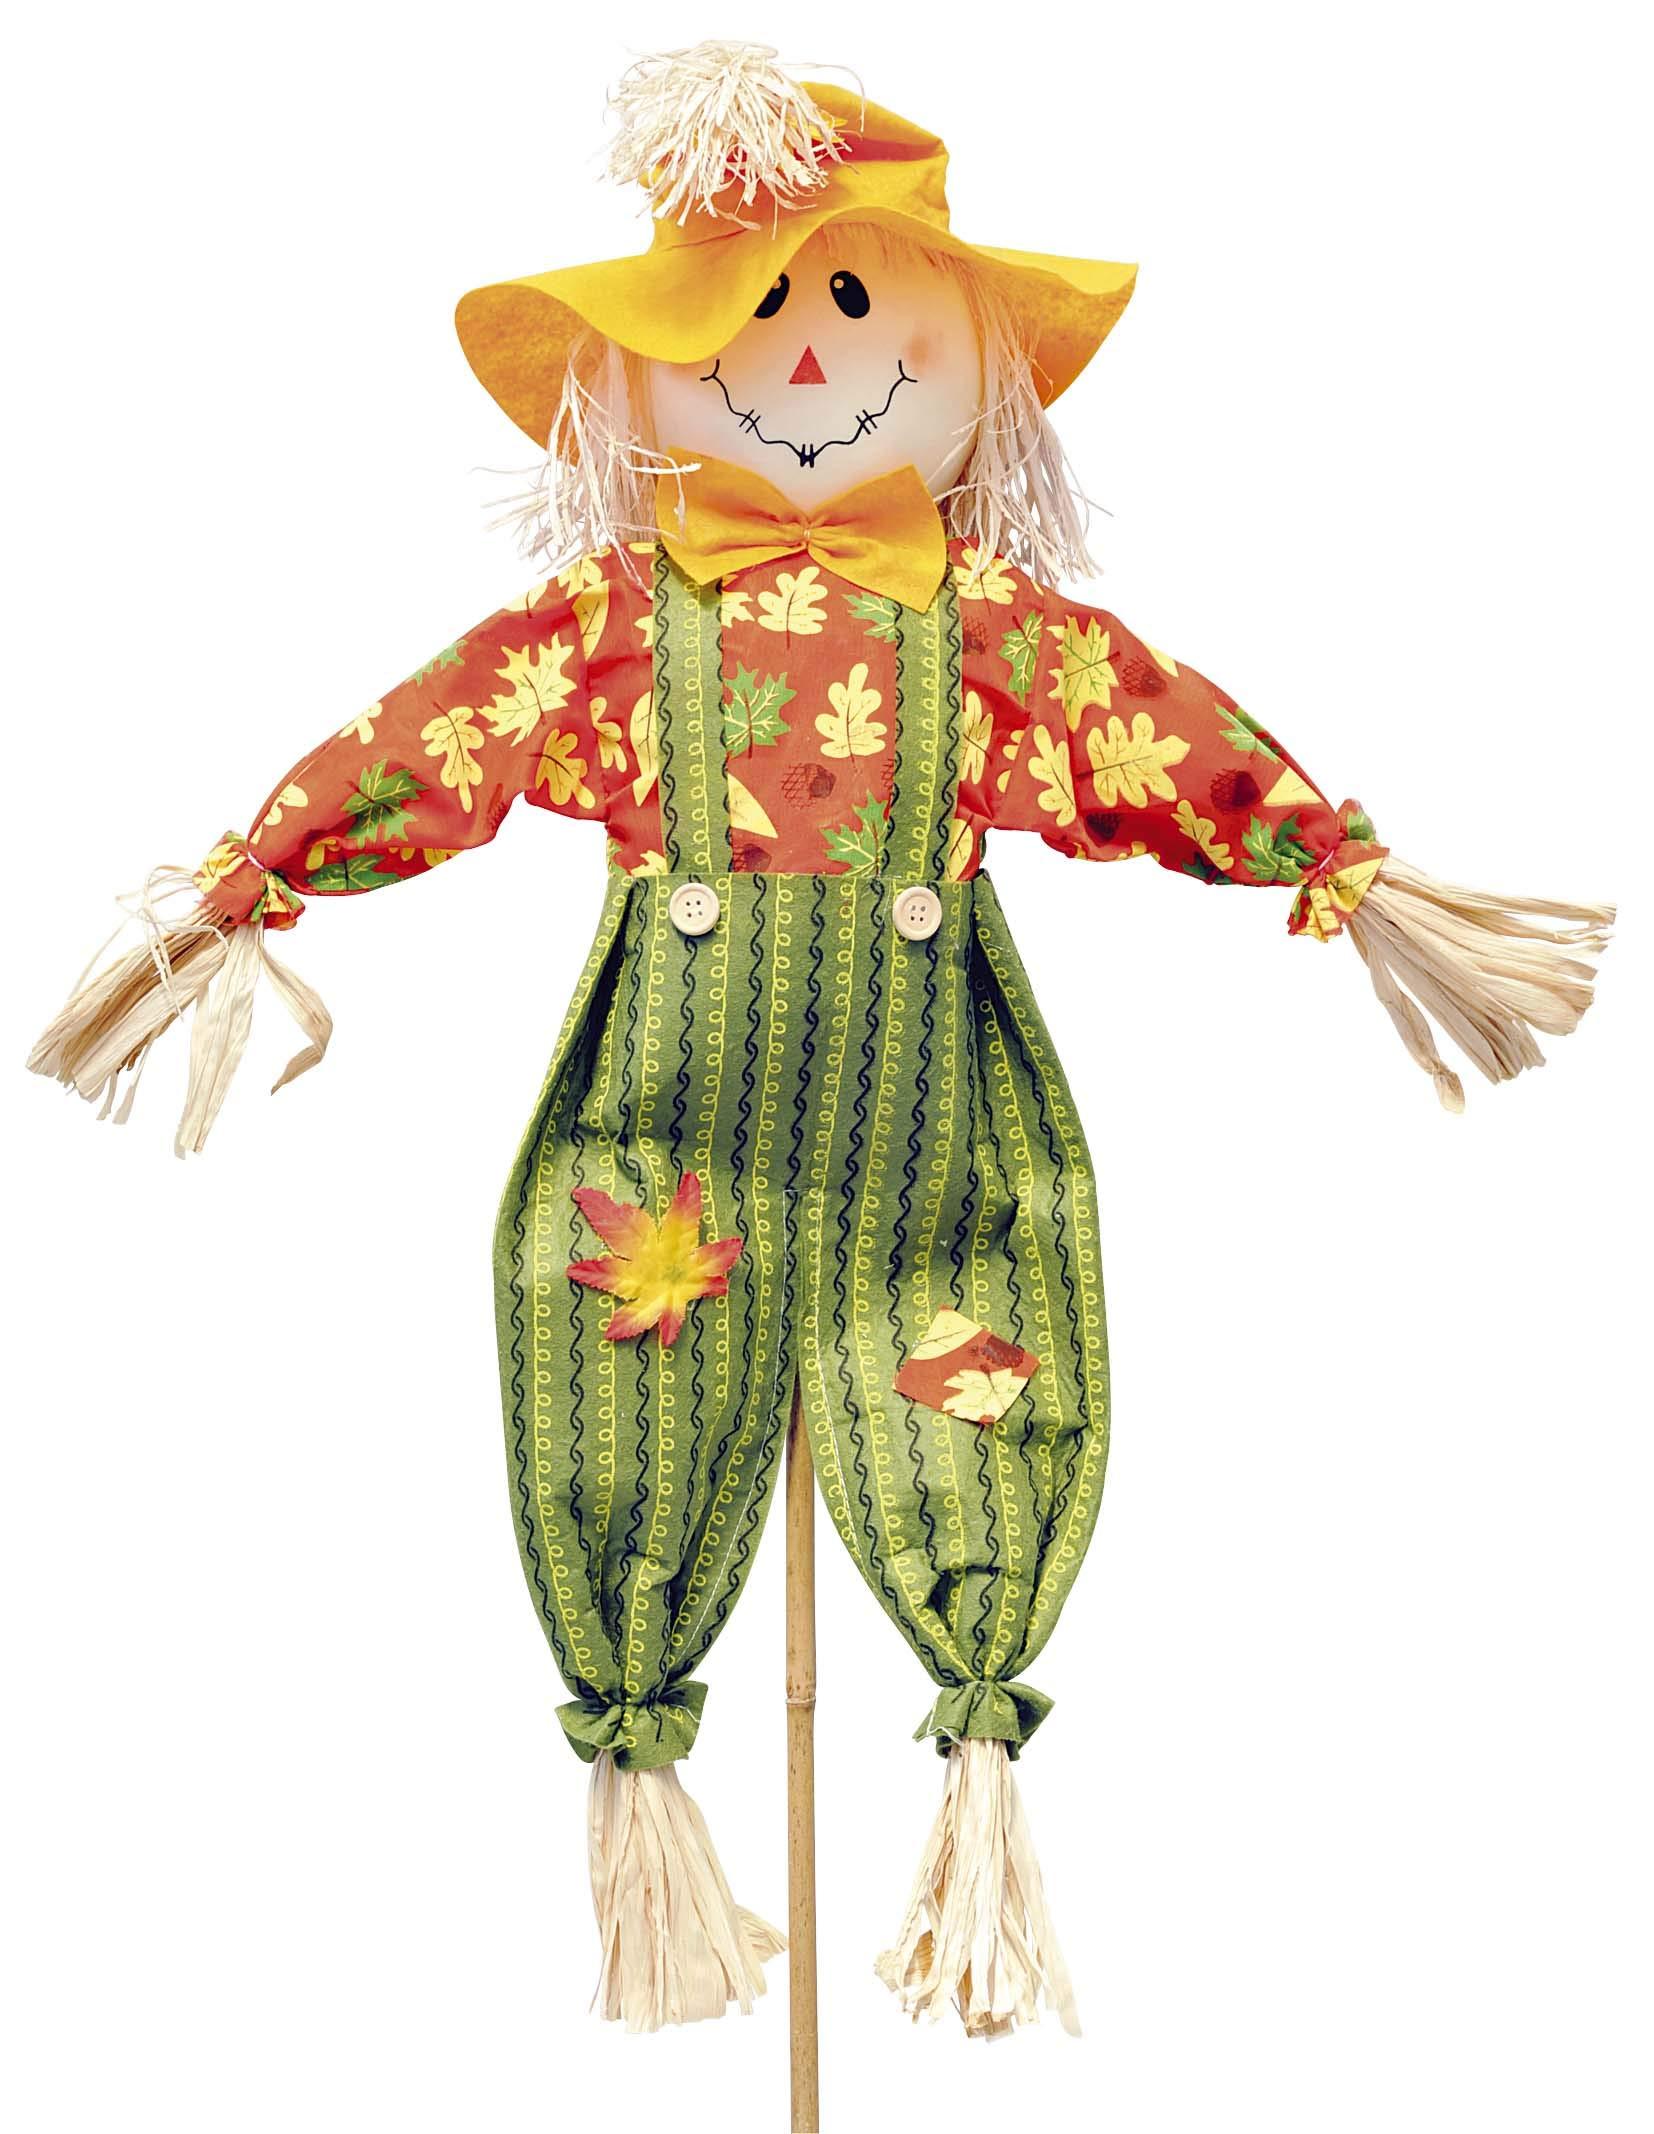 Verdemax - Espantapájaros Tradicional, Figuras Mixtas en Caja, huerto y jardín, Multicolor, único: Amazon.es: Hogar